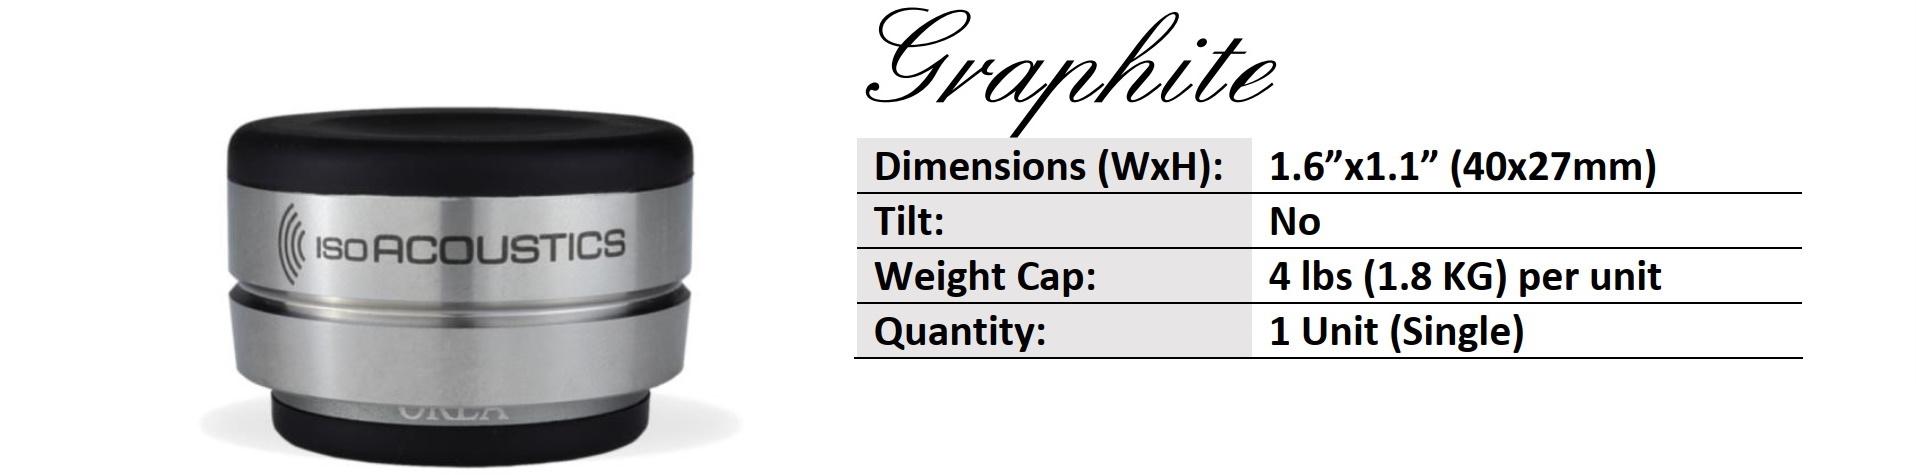 orea-graphite-2-.jpg